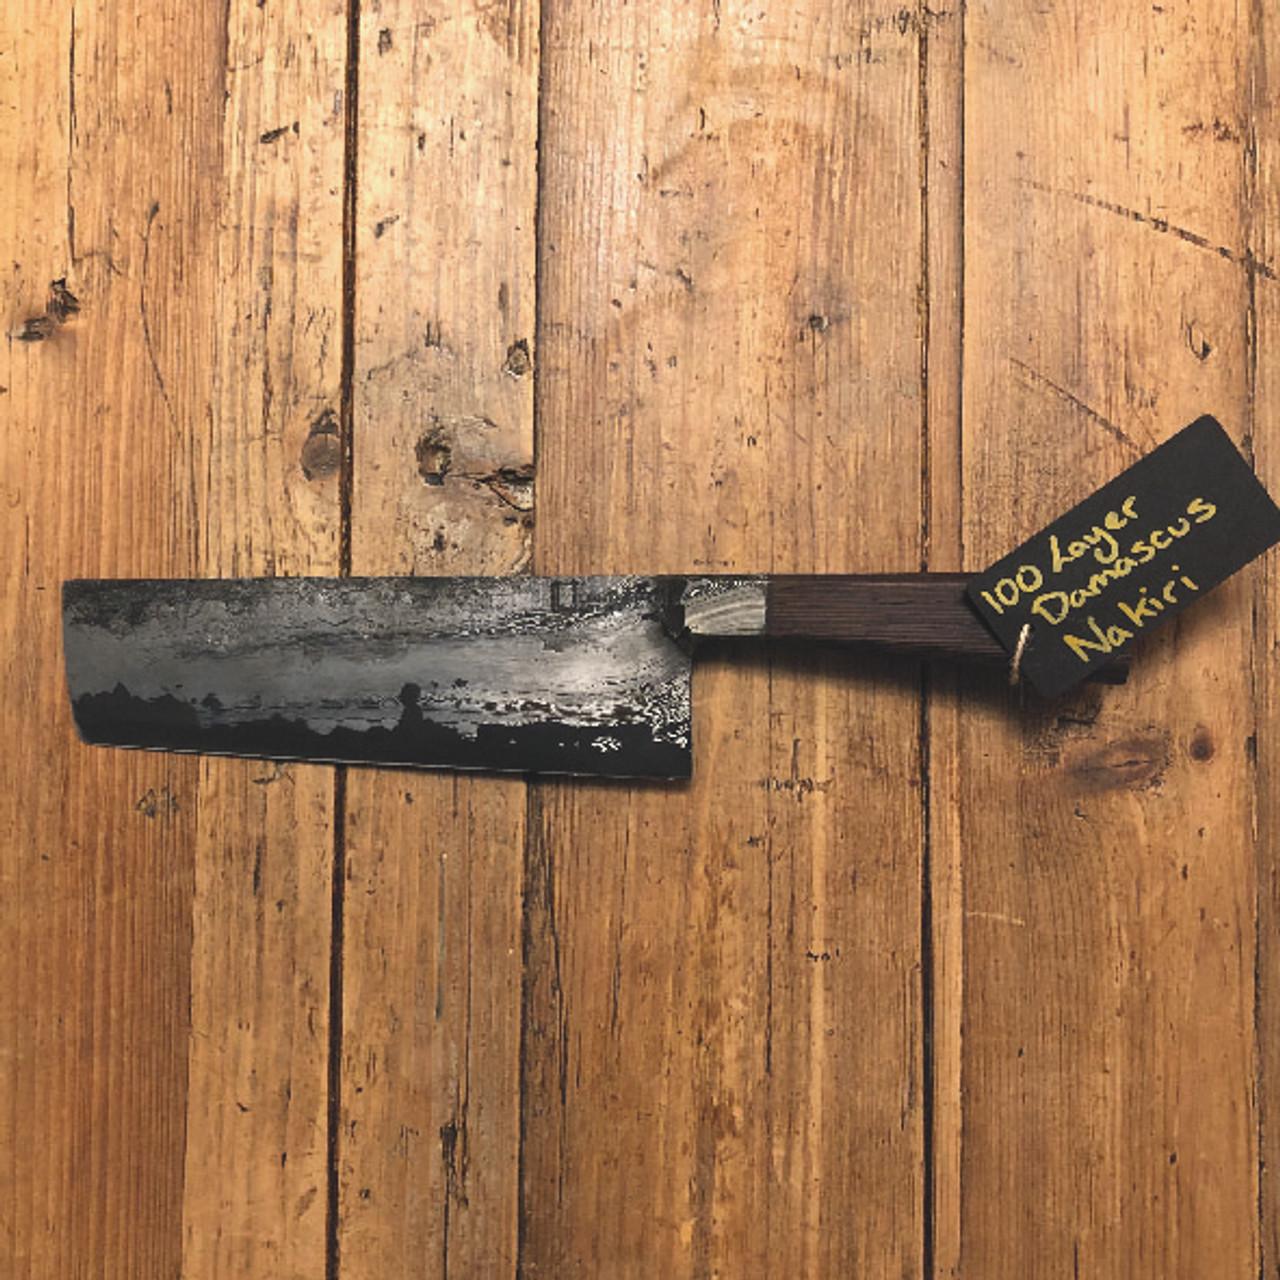 Damascus Nakiri Knife - Wenge Wood by Leszek Sikon